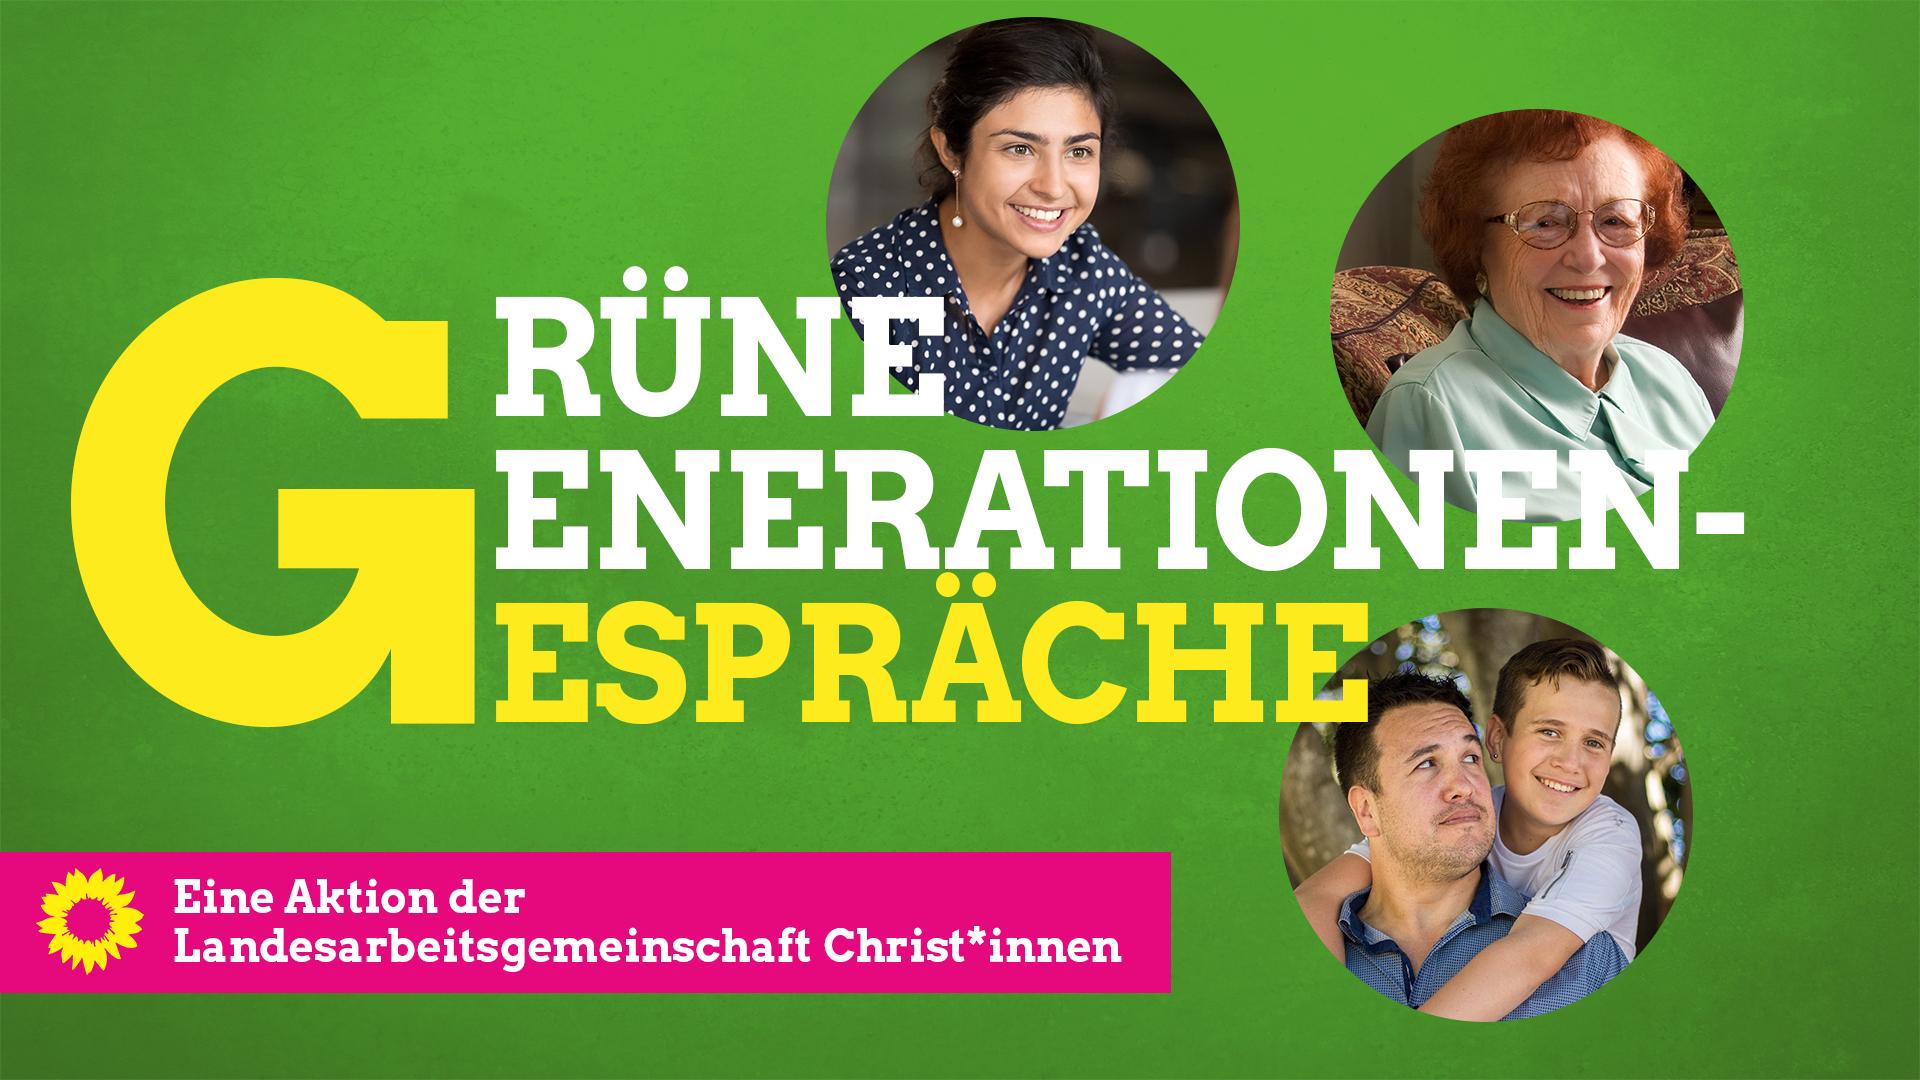 Grüne GenerationenGespräche